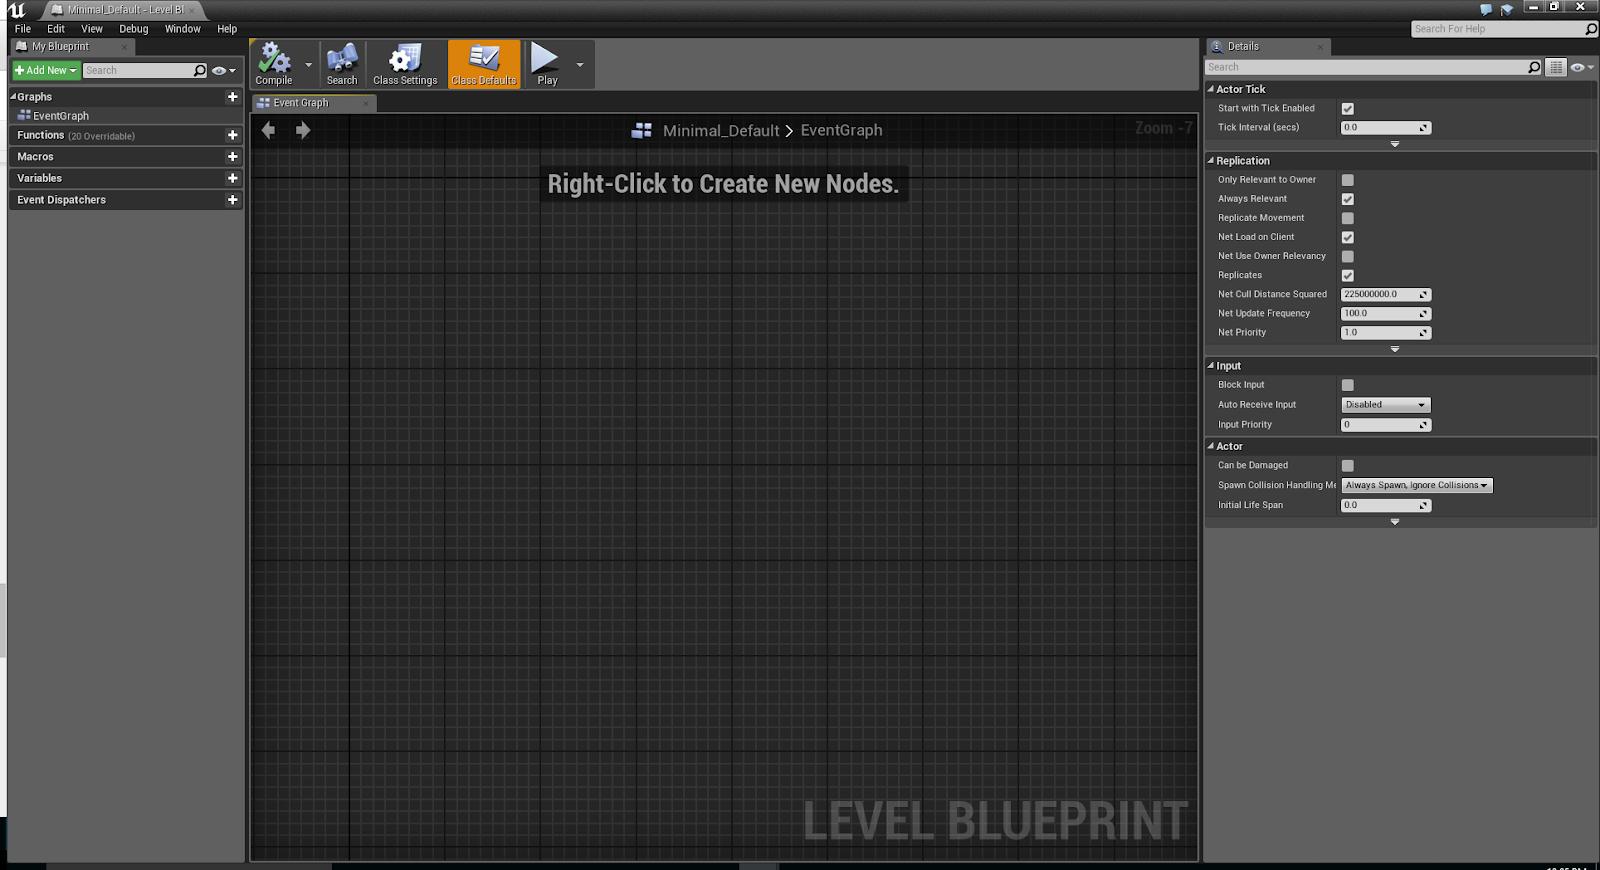 Gamasutra dev janas blog ue4 state based level music system basics fig 21b the empty level blueprint window malvernweather Image collections